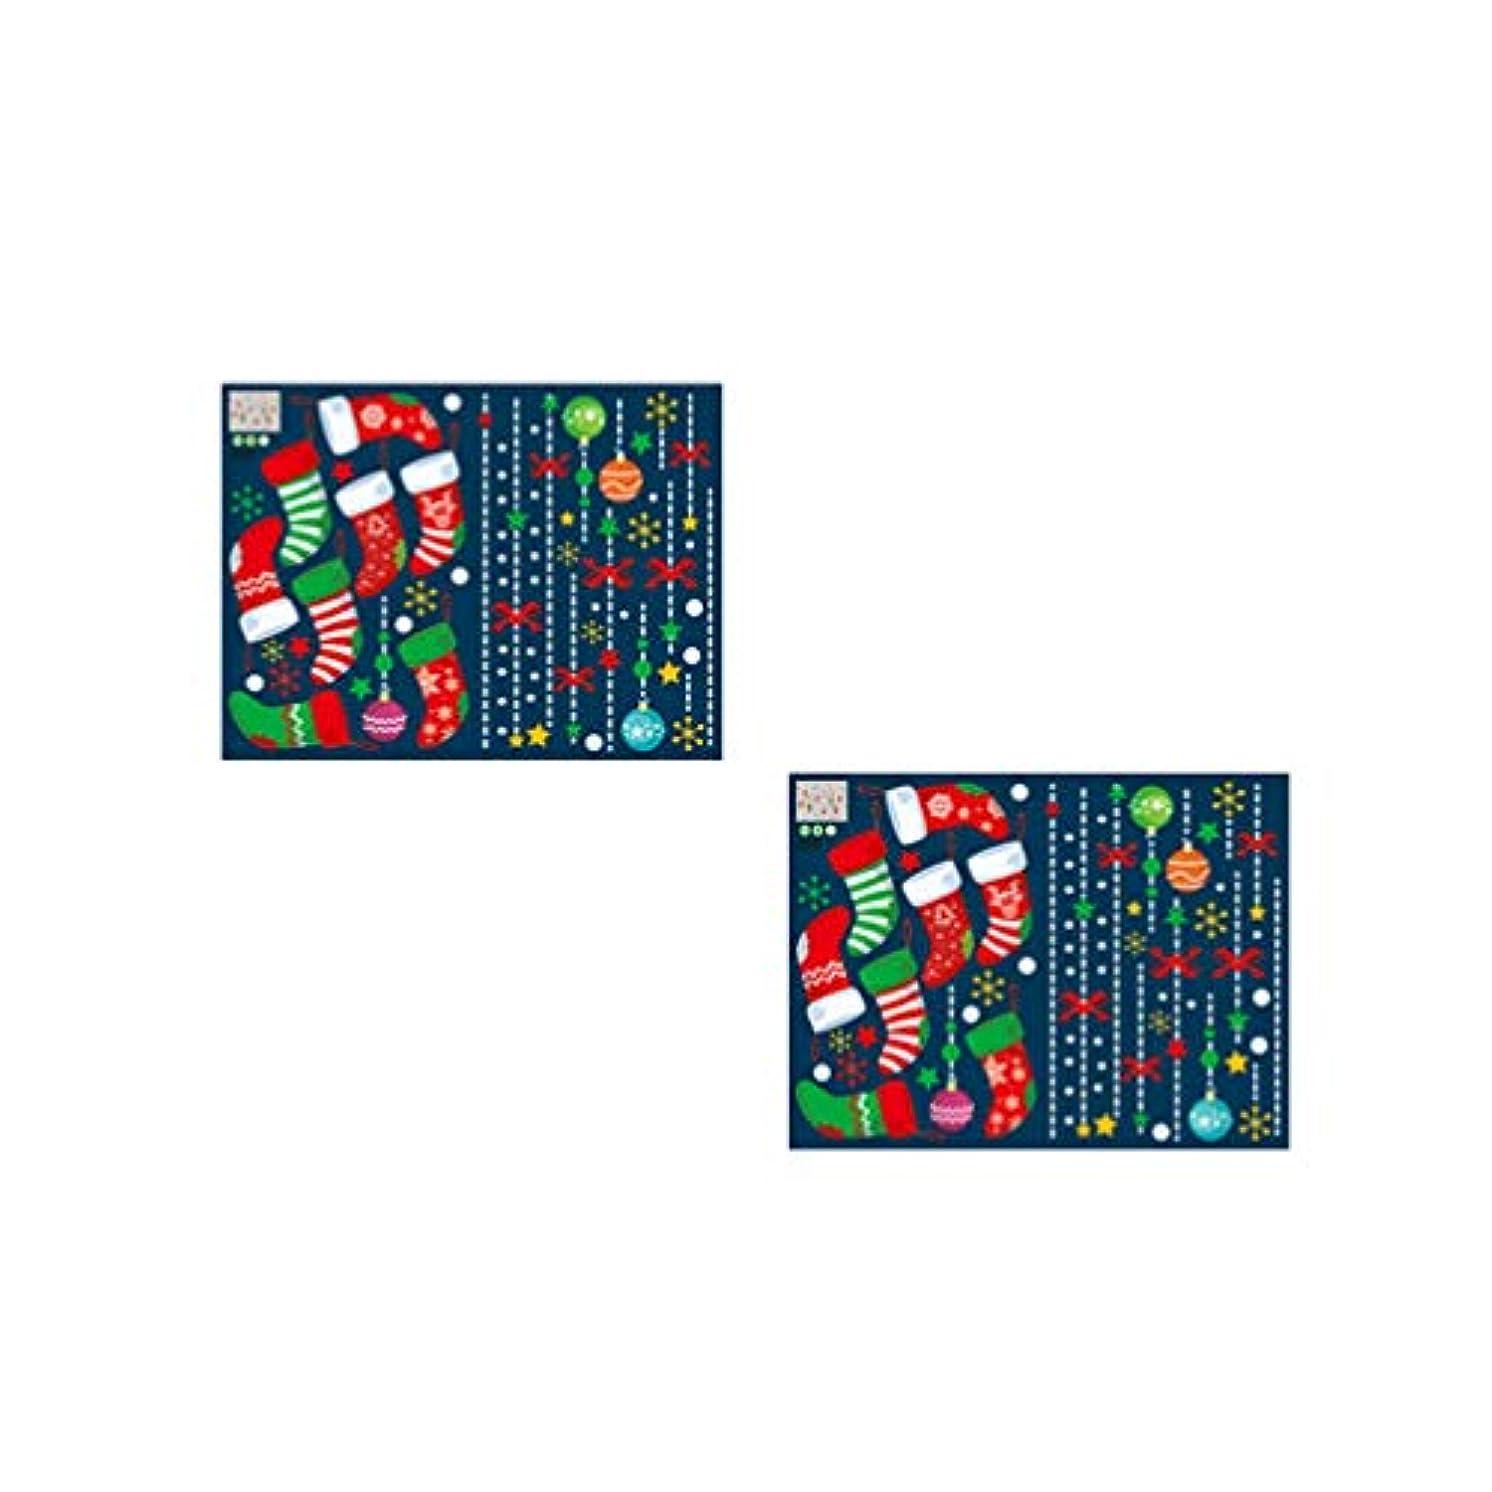 商品消防士スラッシュHealifty 2ピースクリスマスウィンドウステッカーストッキングパターン壁デカール自己粘着ビニールdiy用クリスマスホリデーパーティーウィンドウ装飾